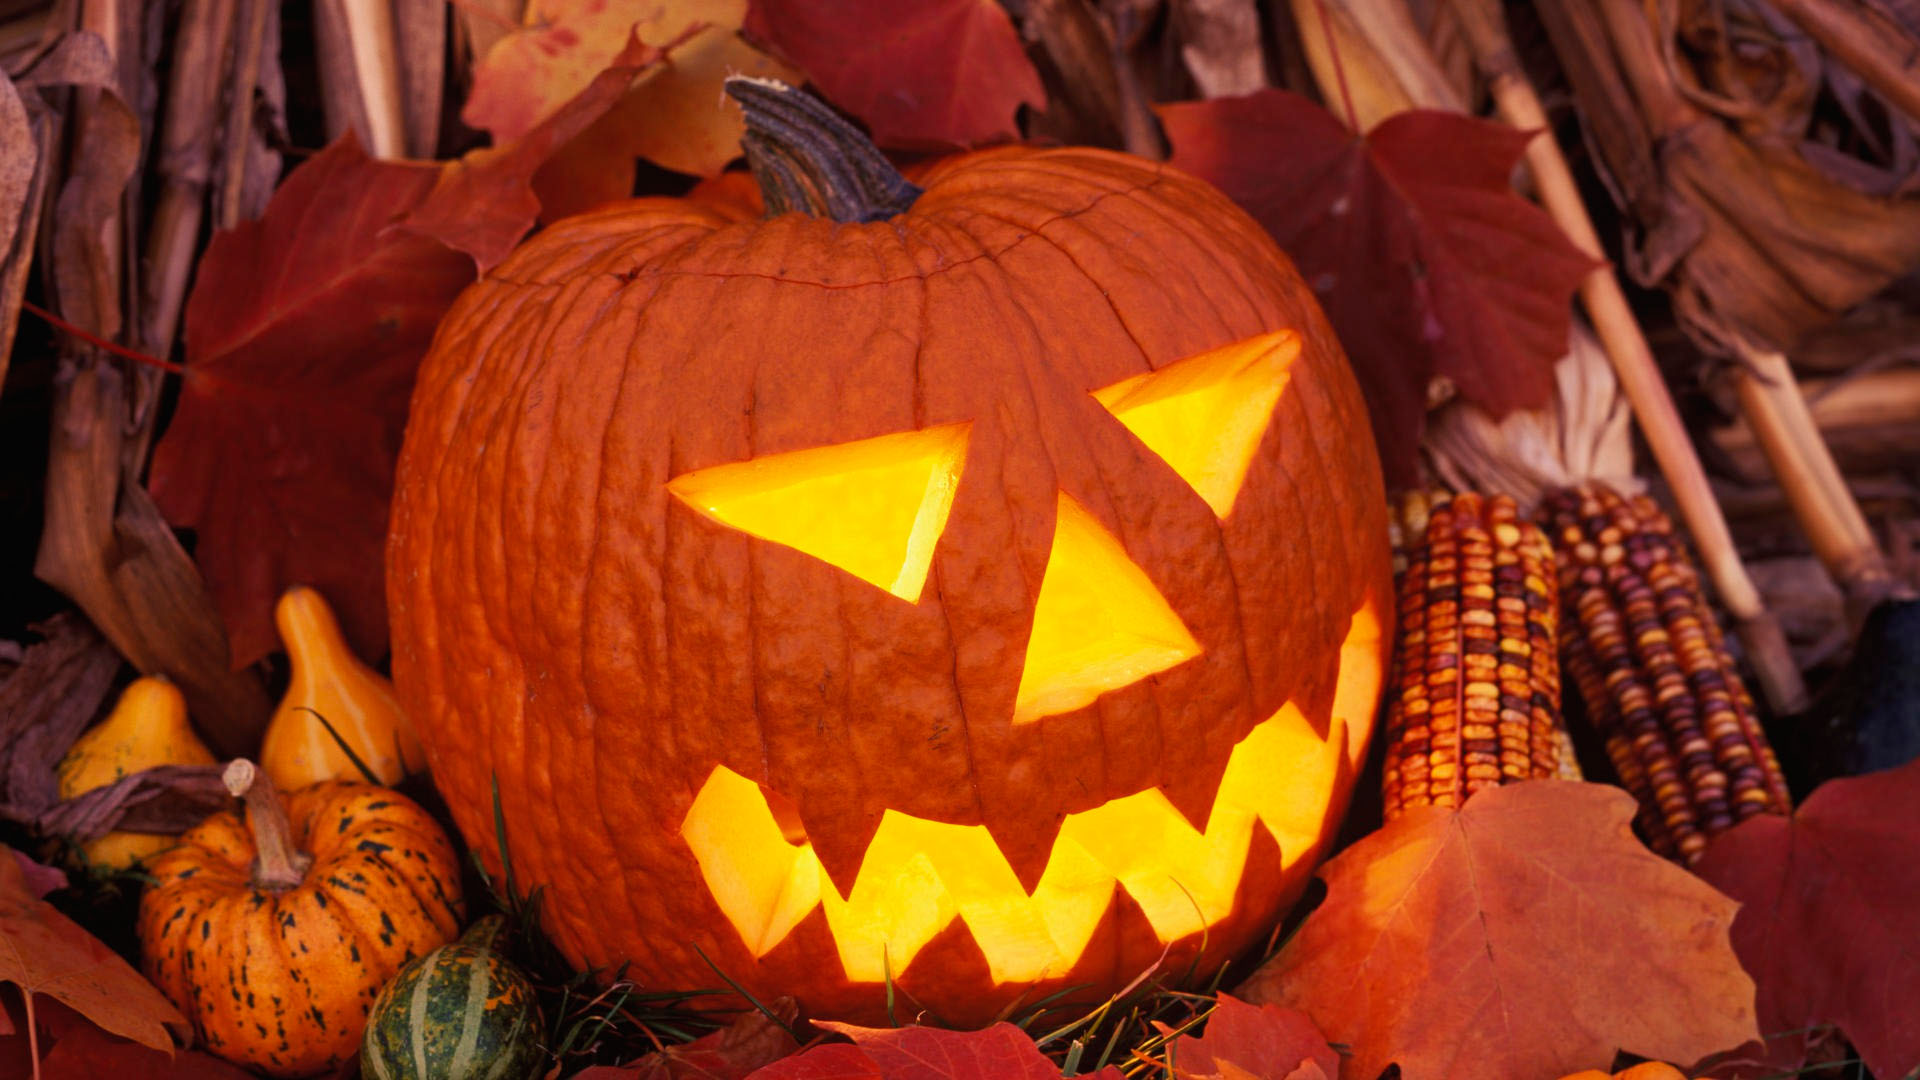 Пример, как можно вырезать тыкву на Хэллоуин